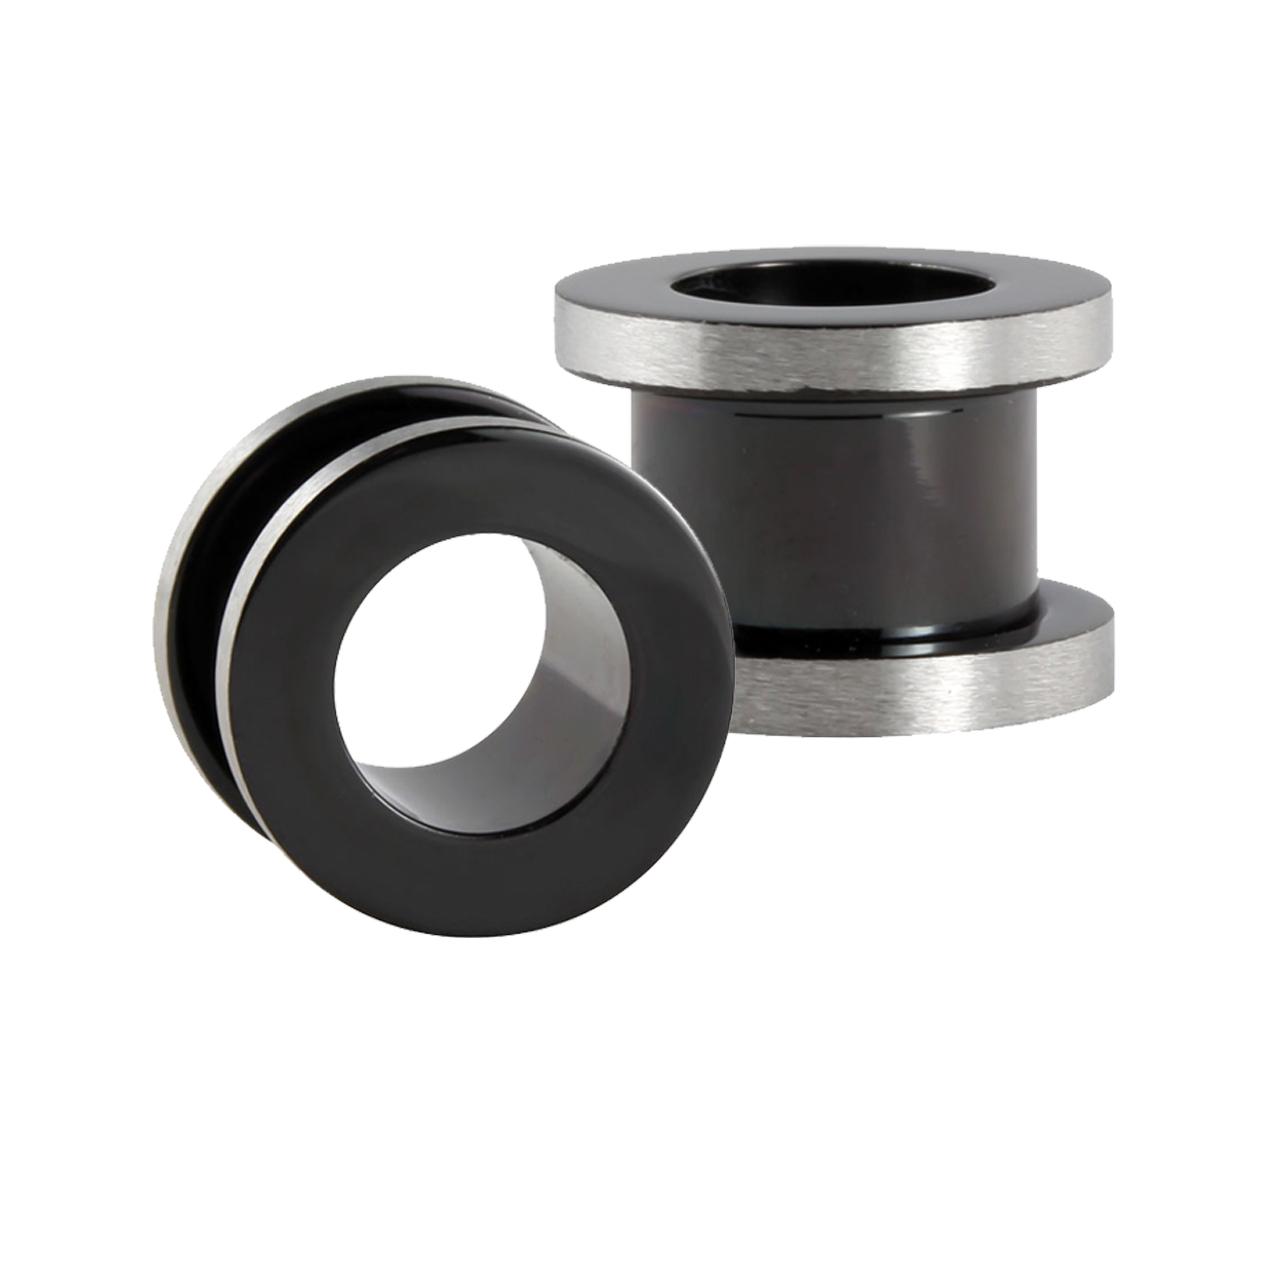 stahl flesh tunnel in schwarz mit poliertem silberfarbenen rand. Black Bedroom Furniture Sets. Home Design Ideas